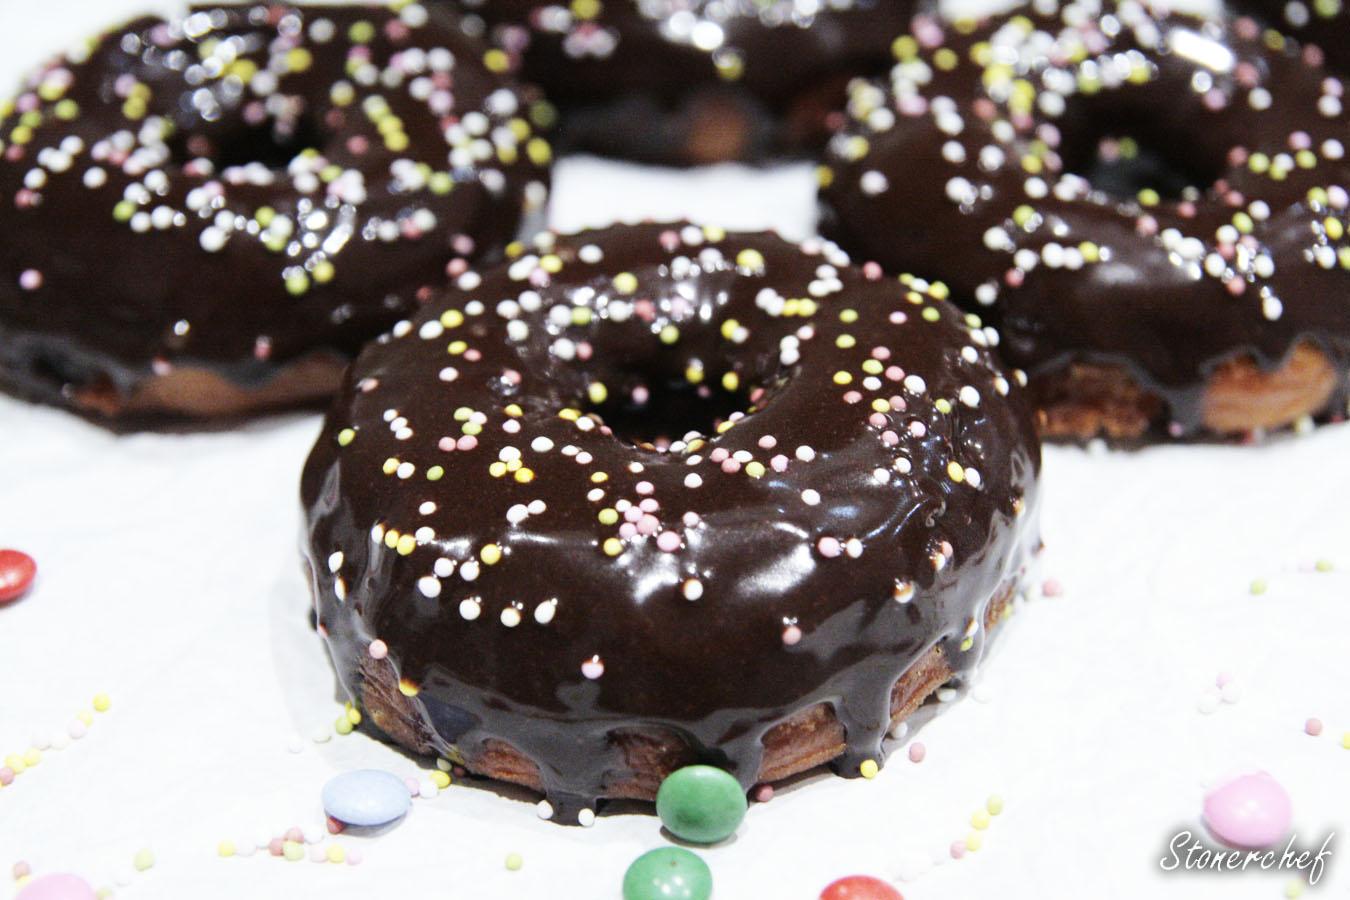 http://www.stonerchef.pl/wp-content/uploads/2017/02/zblizenie-na-donuty-z-polewa-z-nutelli.jpg